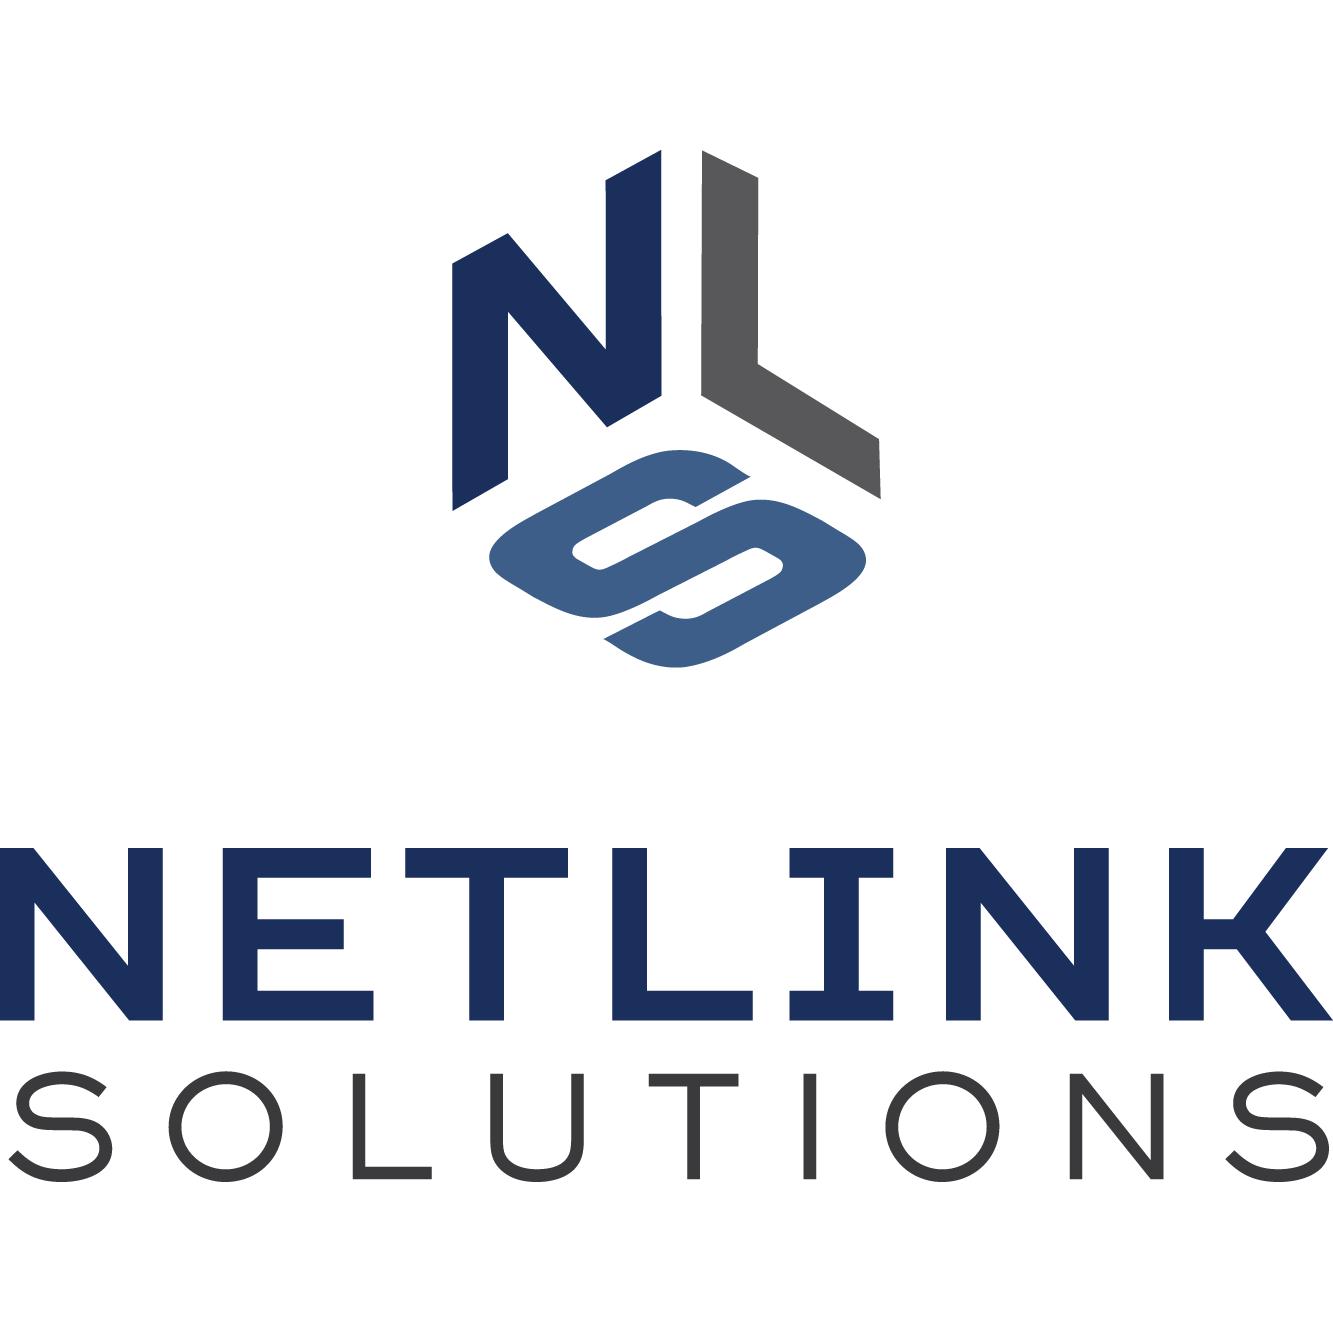 NetLink Solutions, LLC